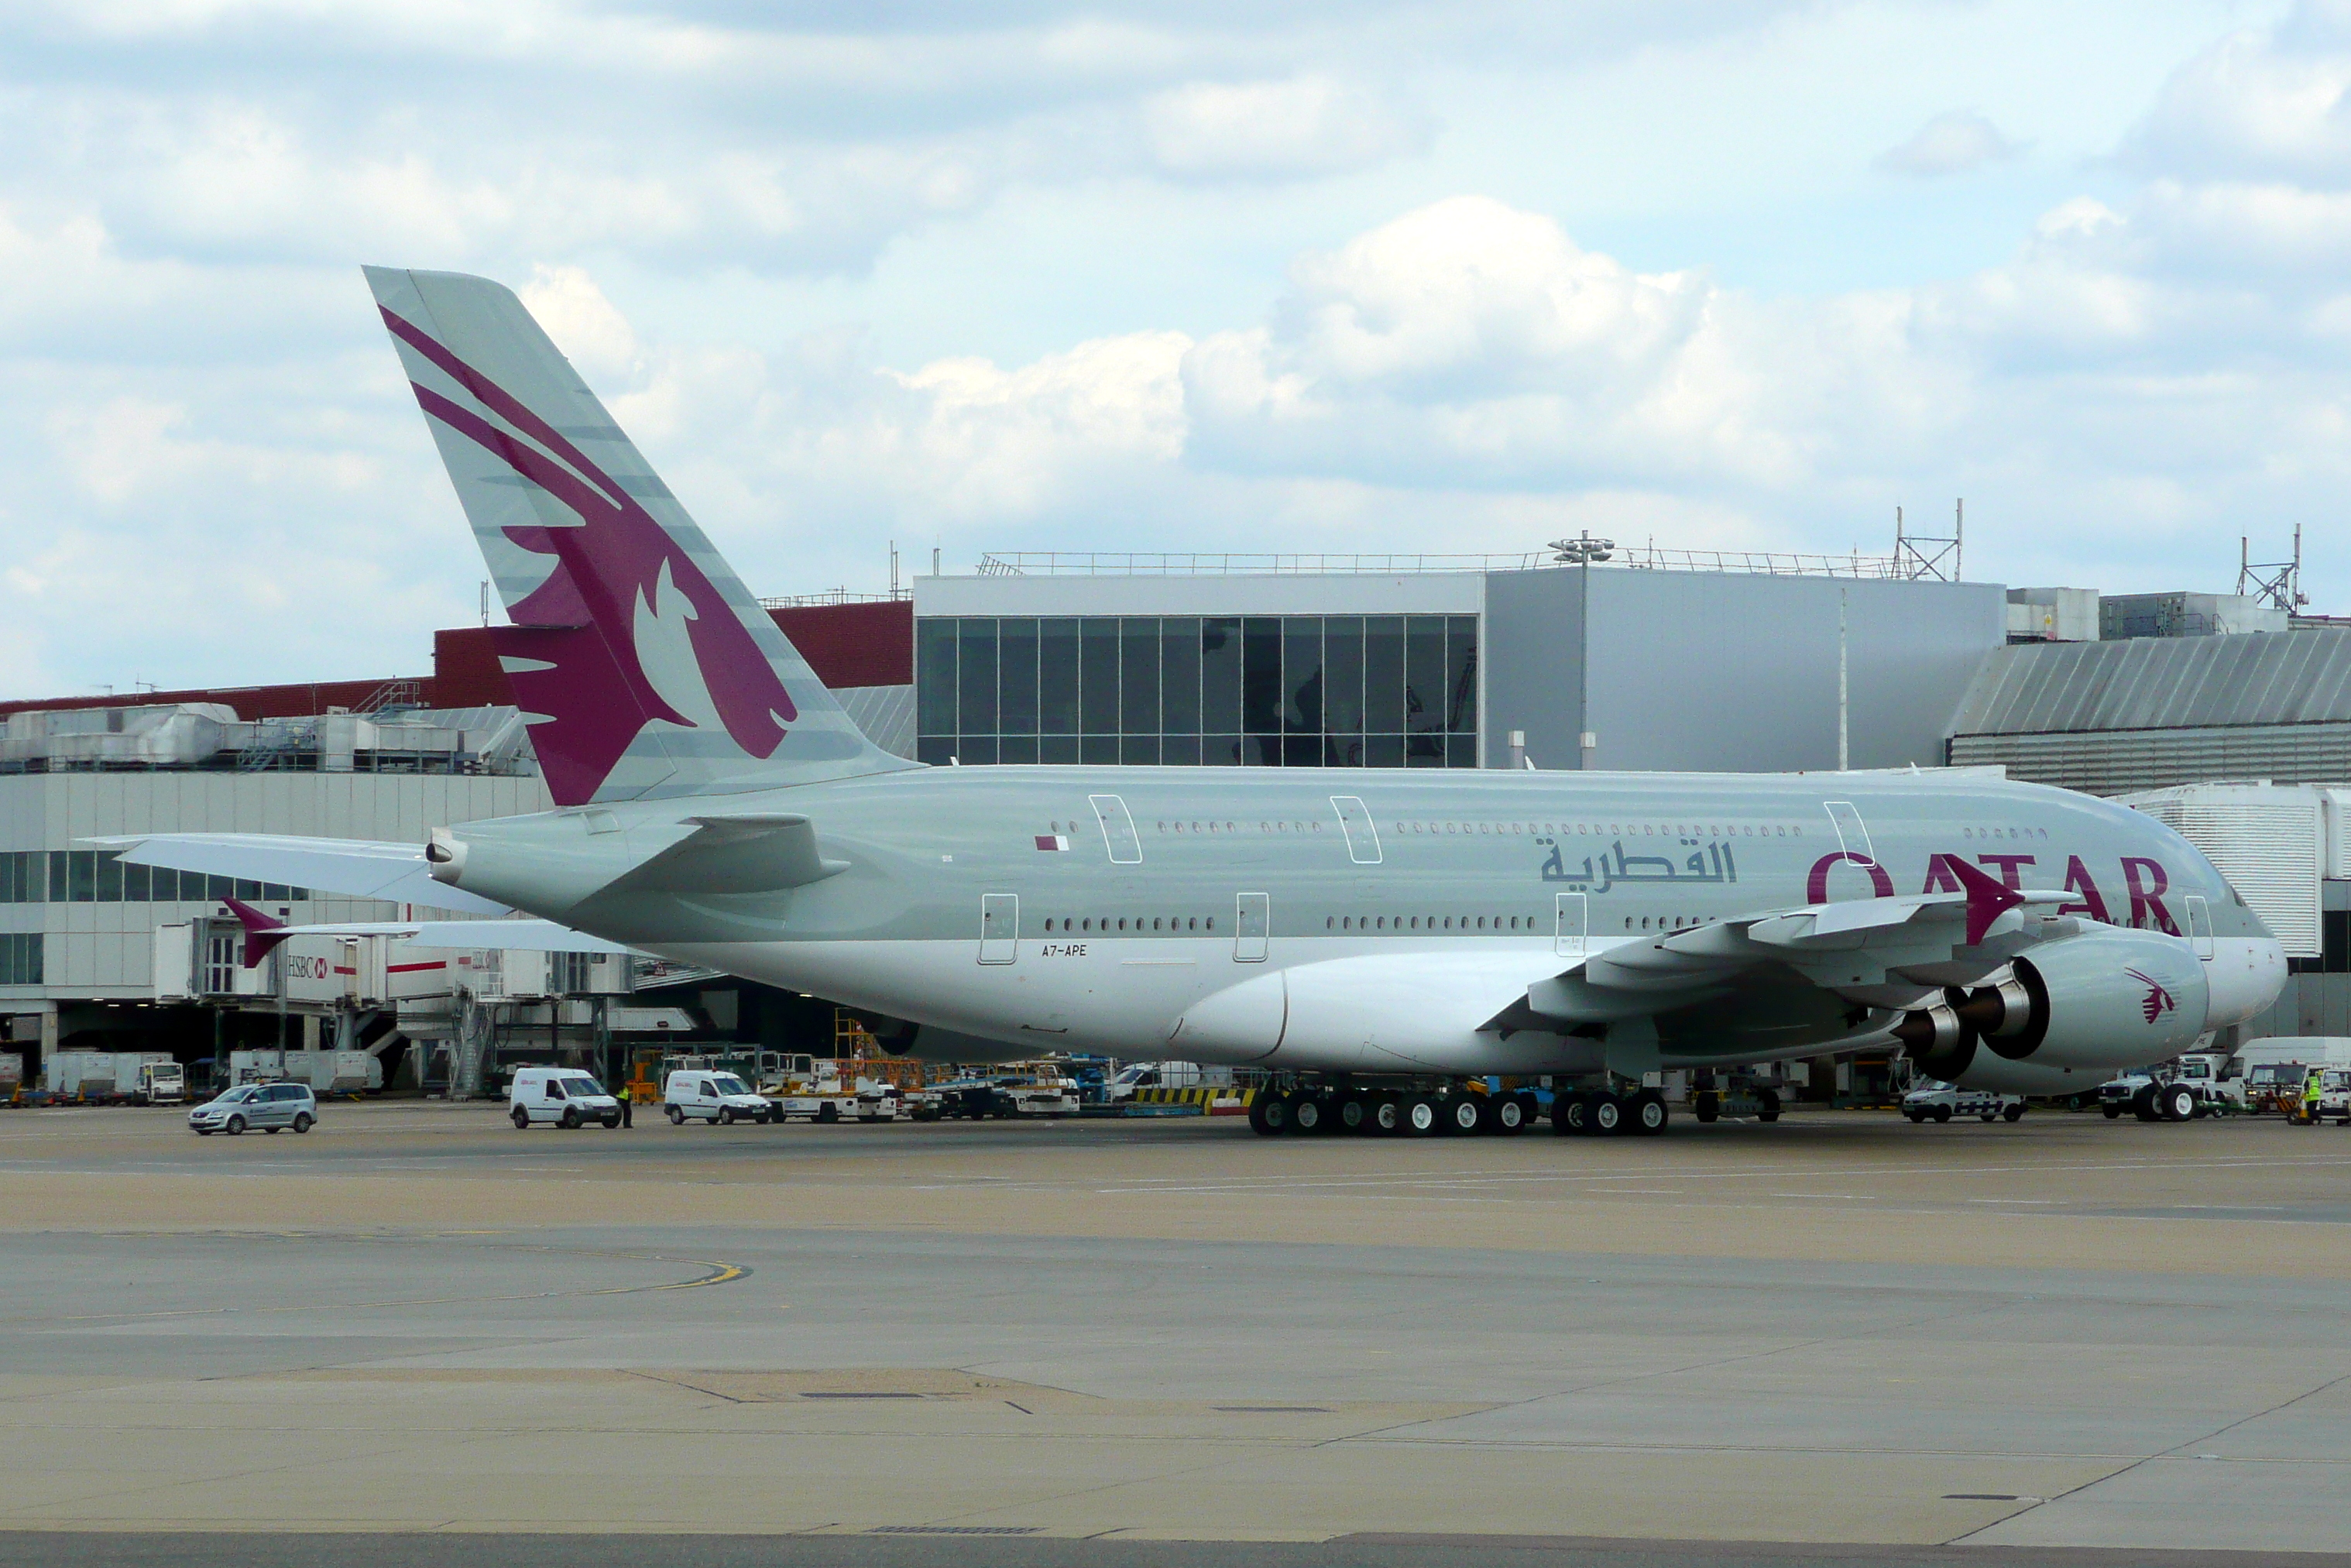 File:Qatar Airways, Airbus A380-800, A7-APE - LHR